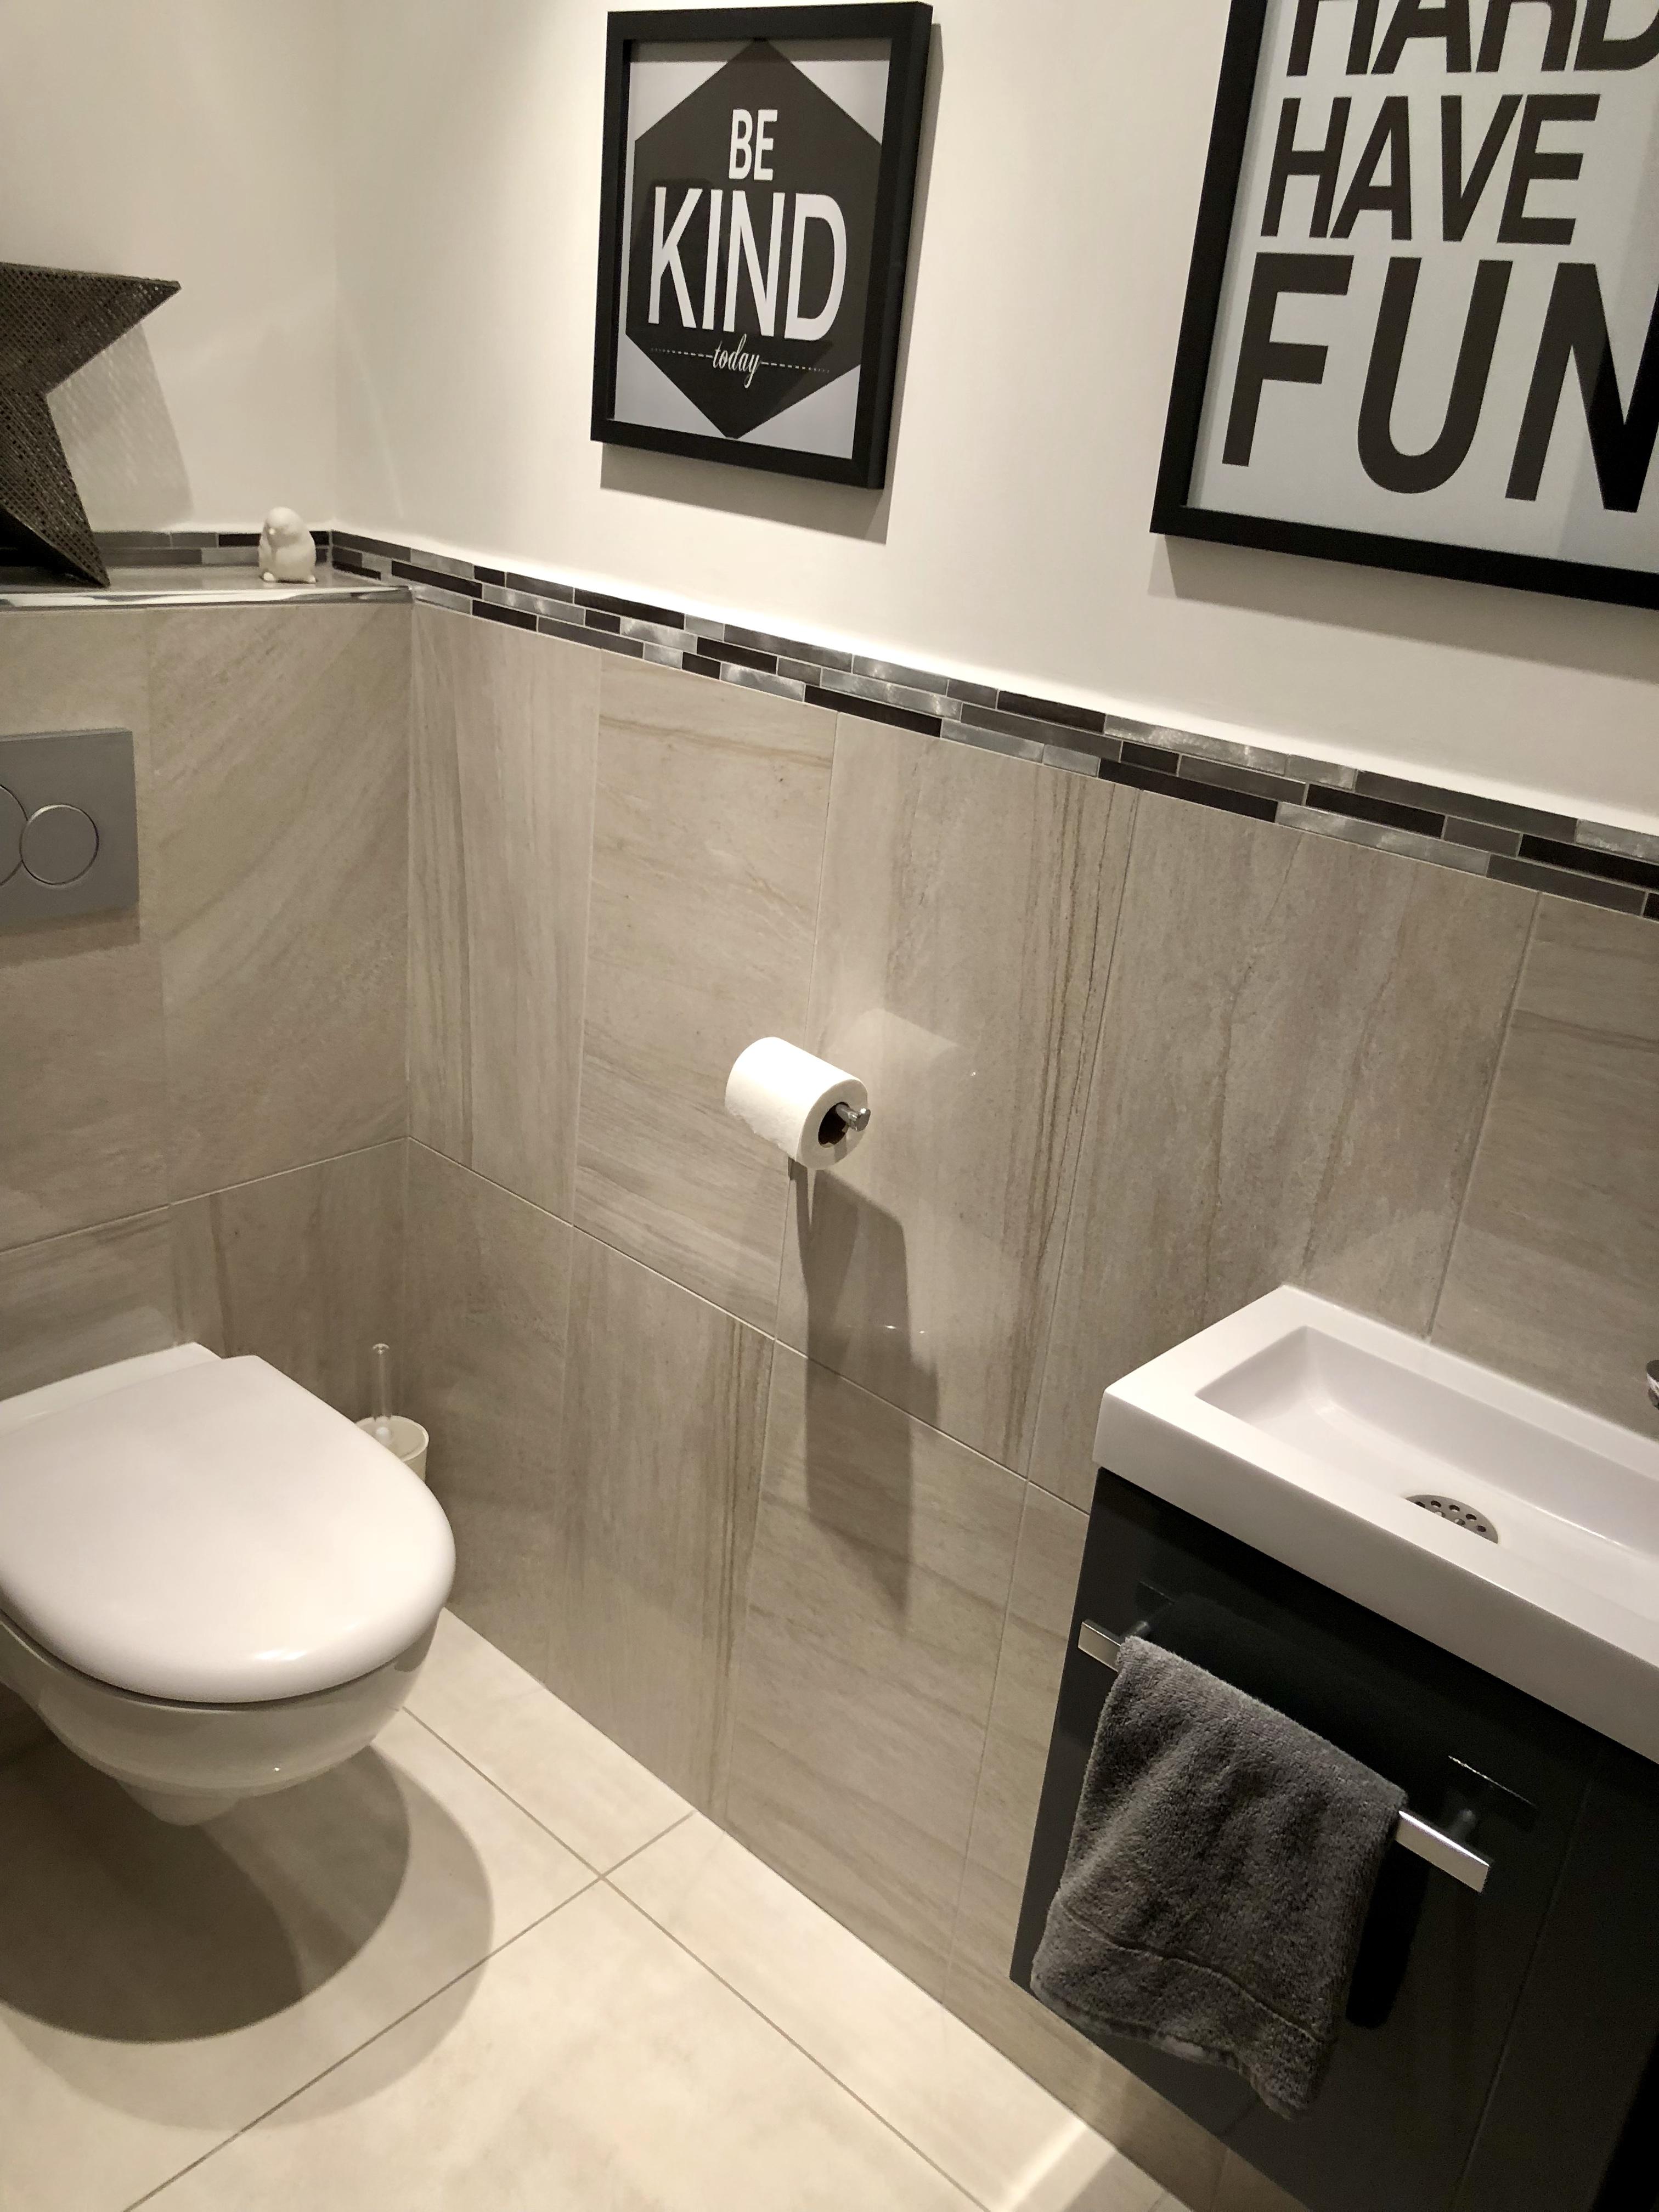 Wc, Hygiène Et Look | Projets Maison tout Toilettes Suspendus